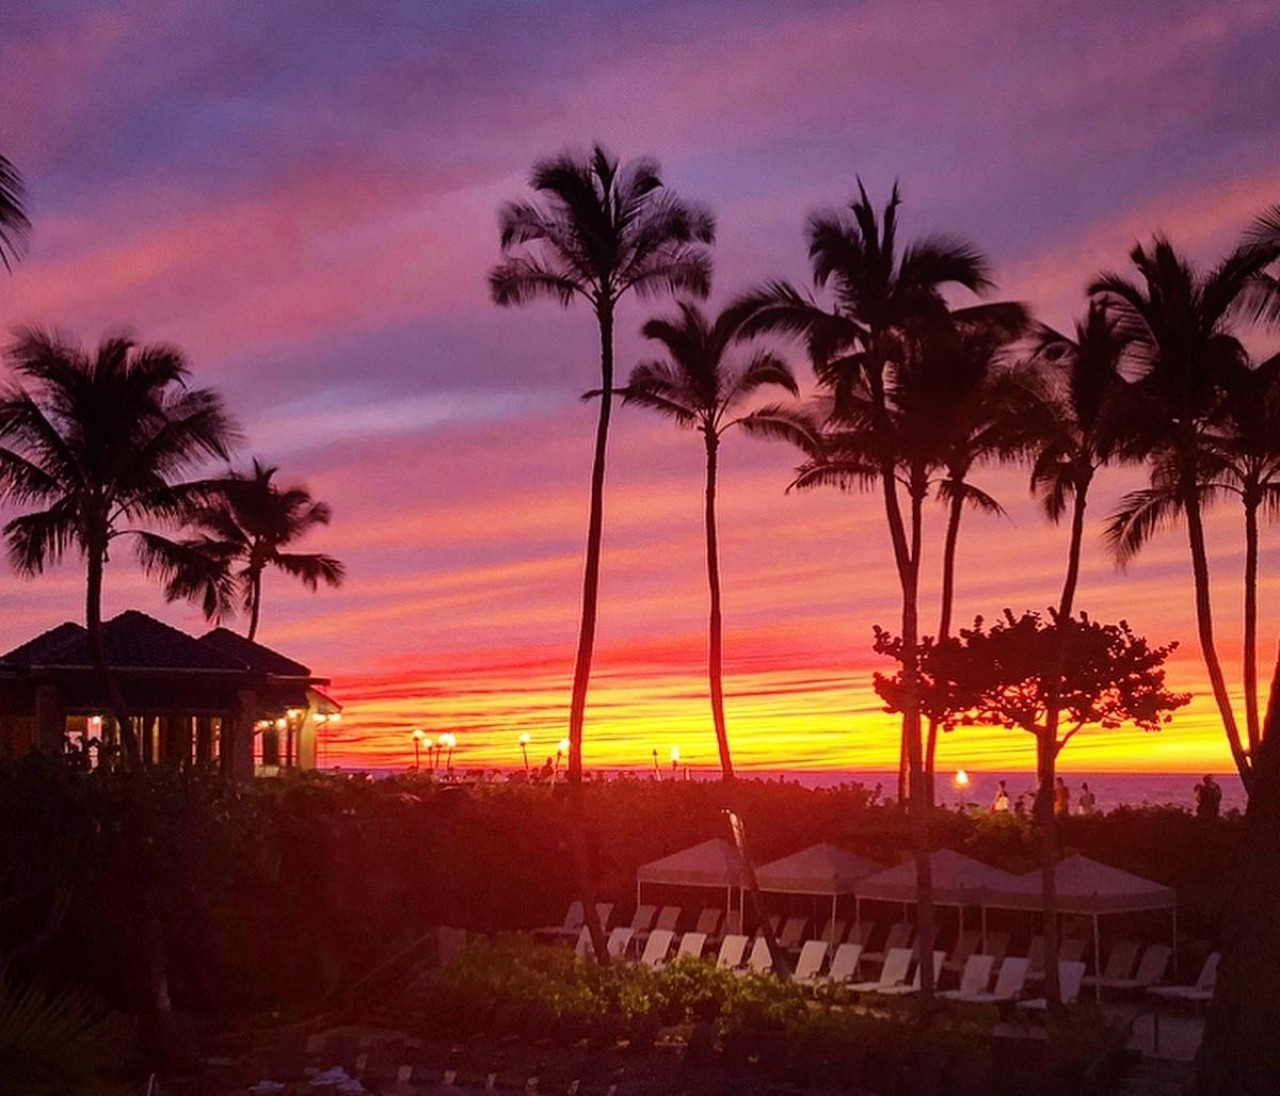 初ハワイ島!ワイコロア・ビレッジで大満足!【ハワイ島編①】